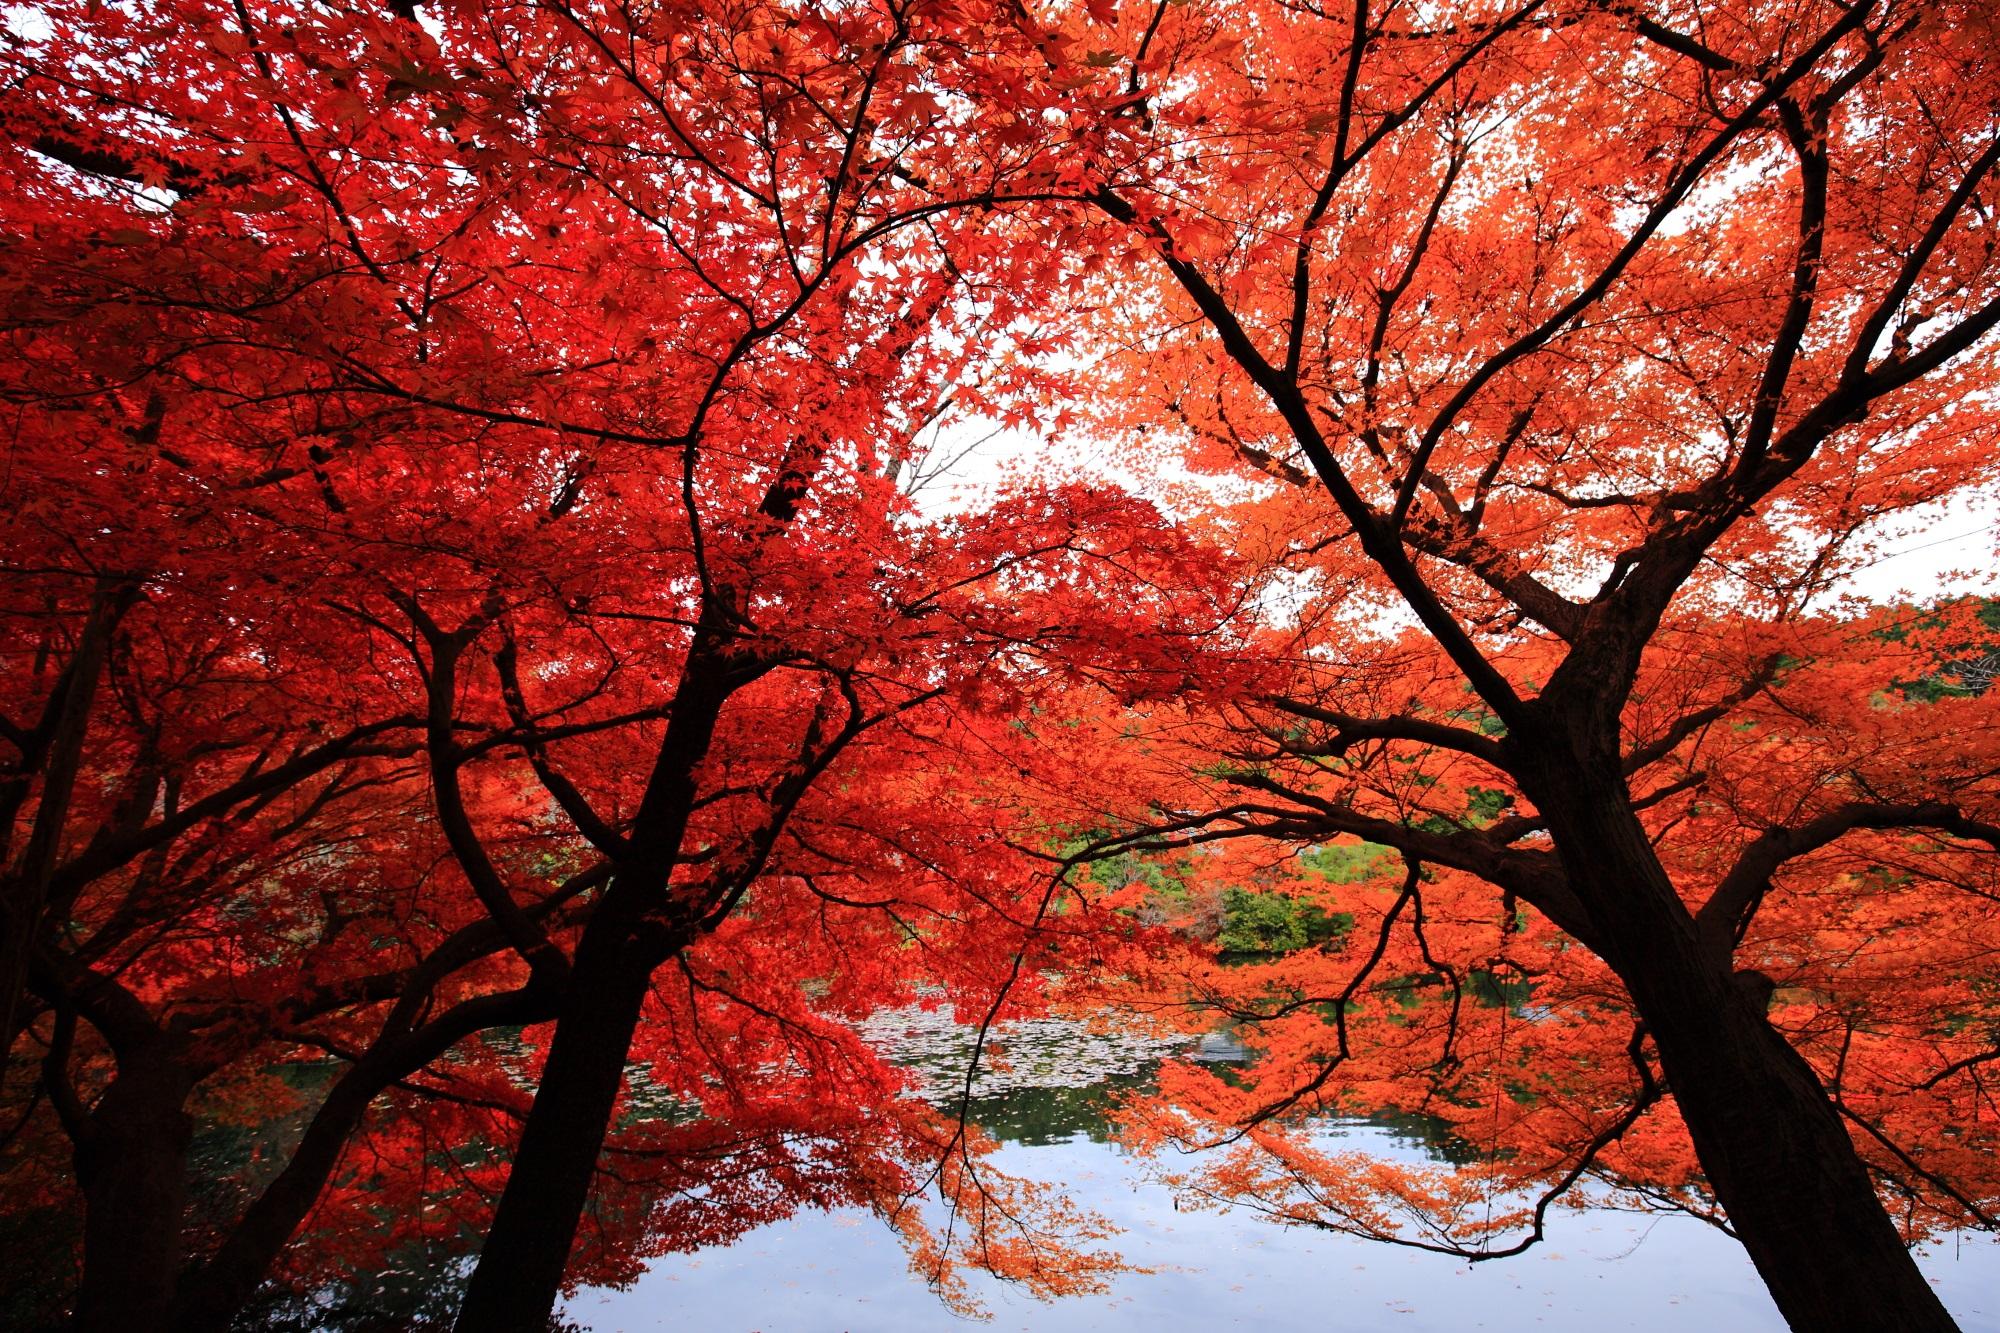 凄すぎる紅葉につつまれた龍安寺の鏡容池(きょうようち)